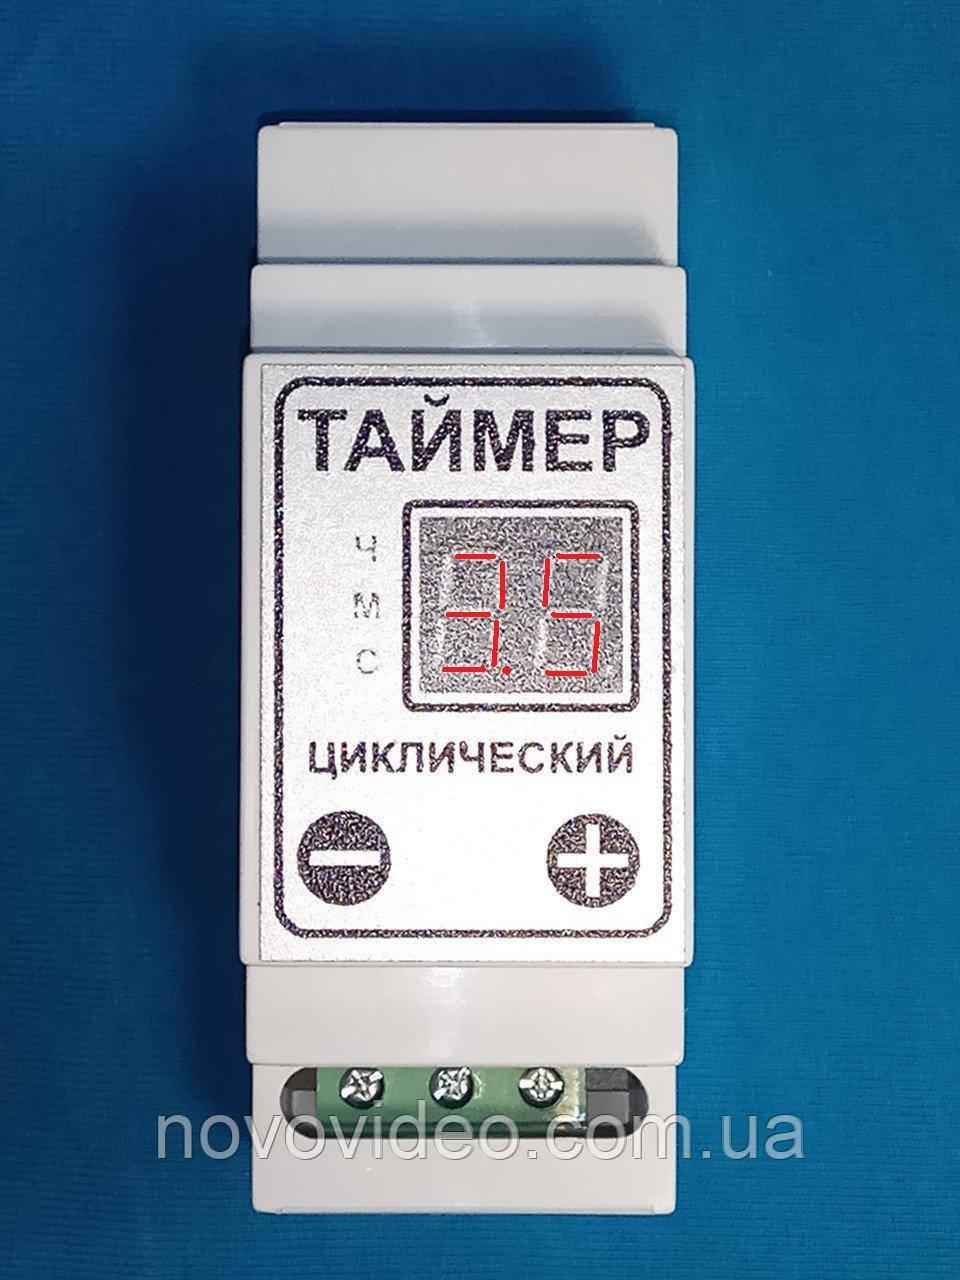 Таймер ТЦд-5 цифровой на дин рейку циклический на 25 А